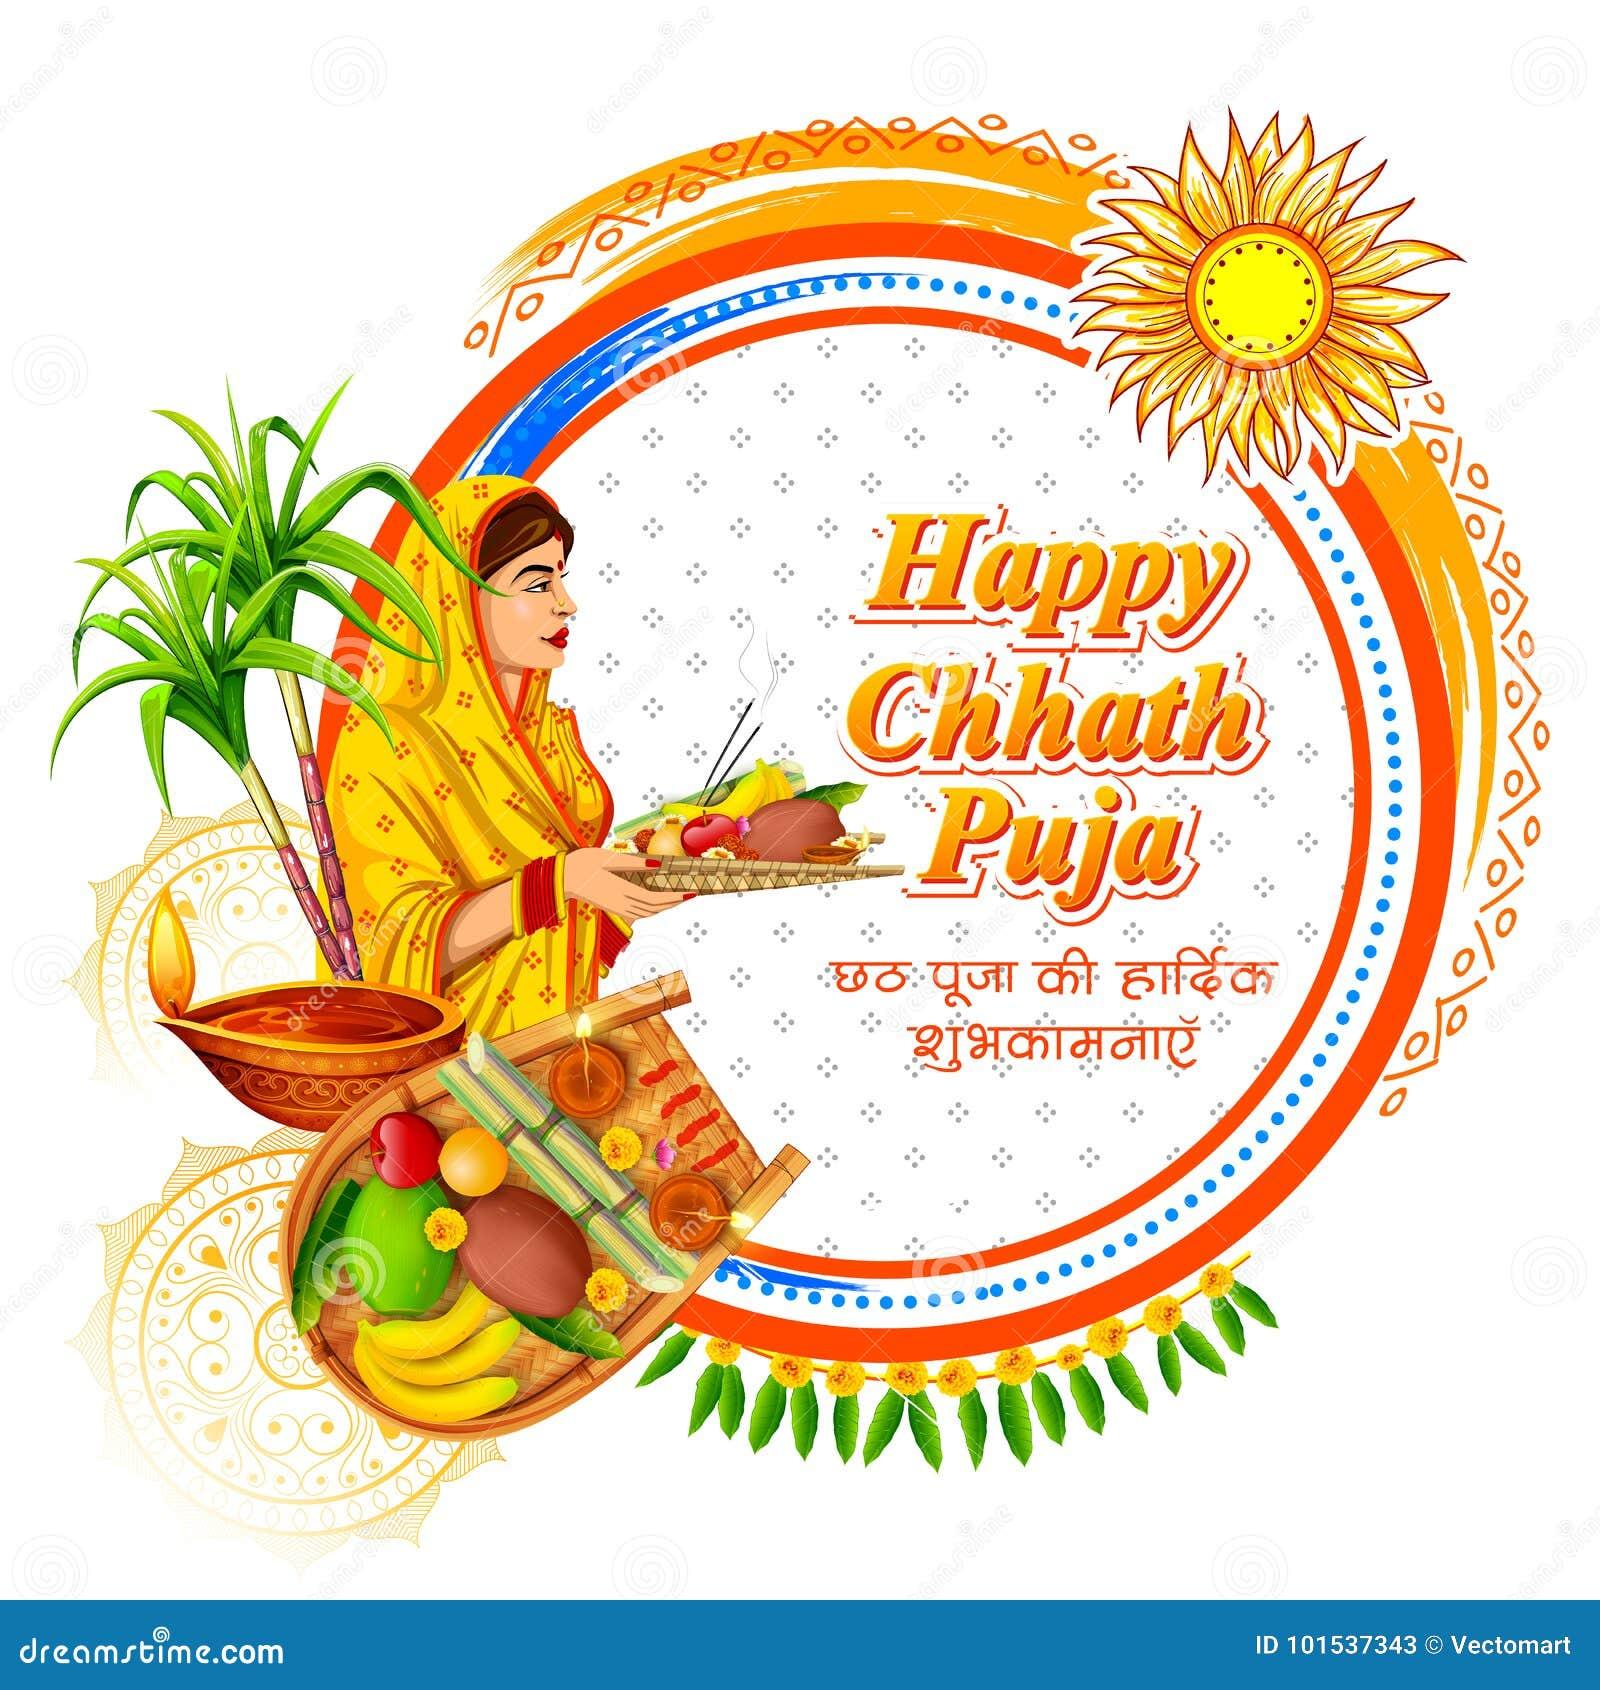 Pooja Holidays